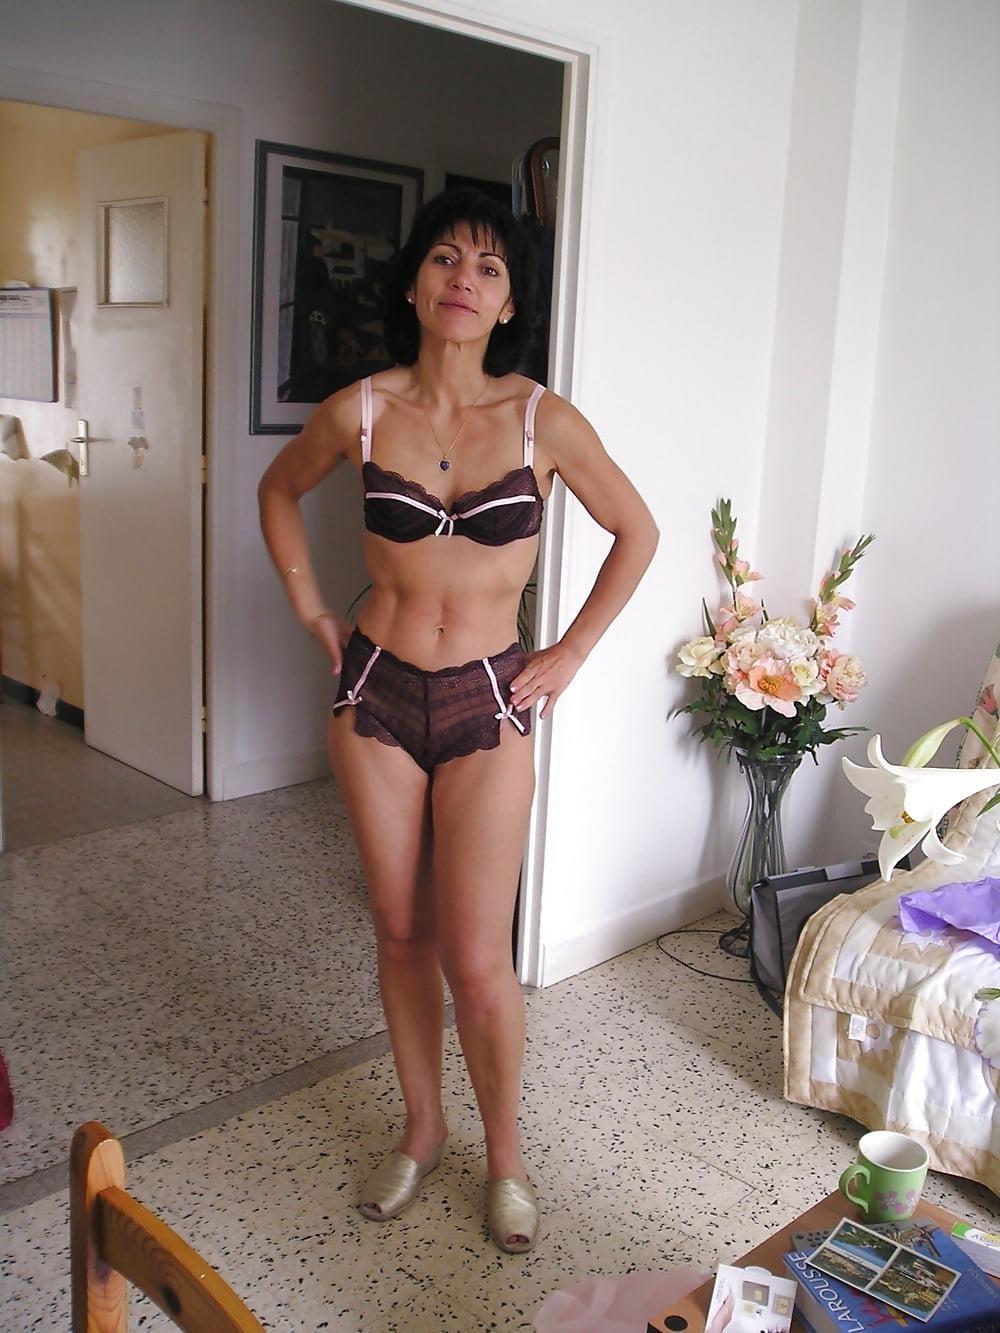 Hot girls bathing naked-3446